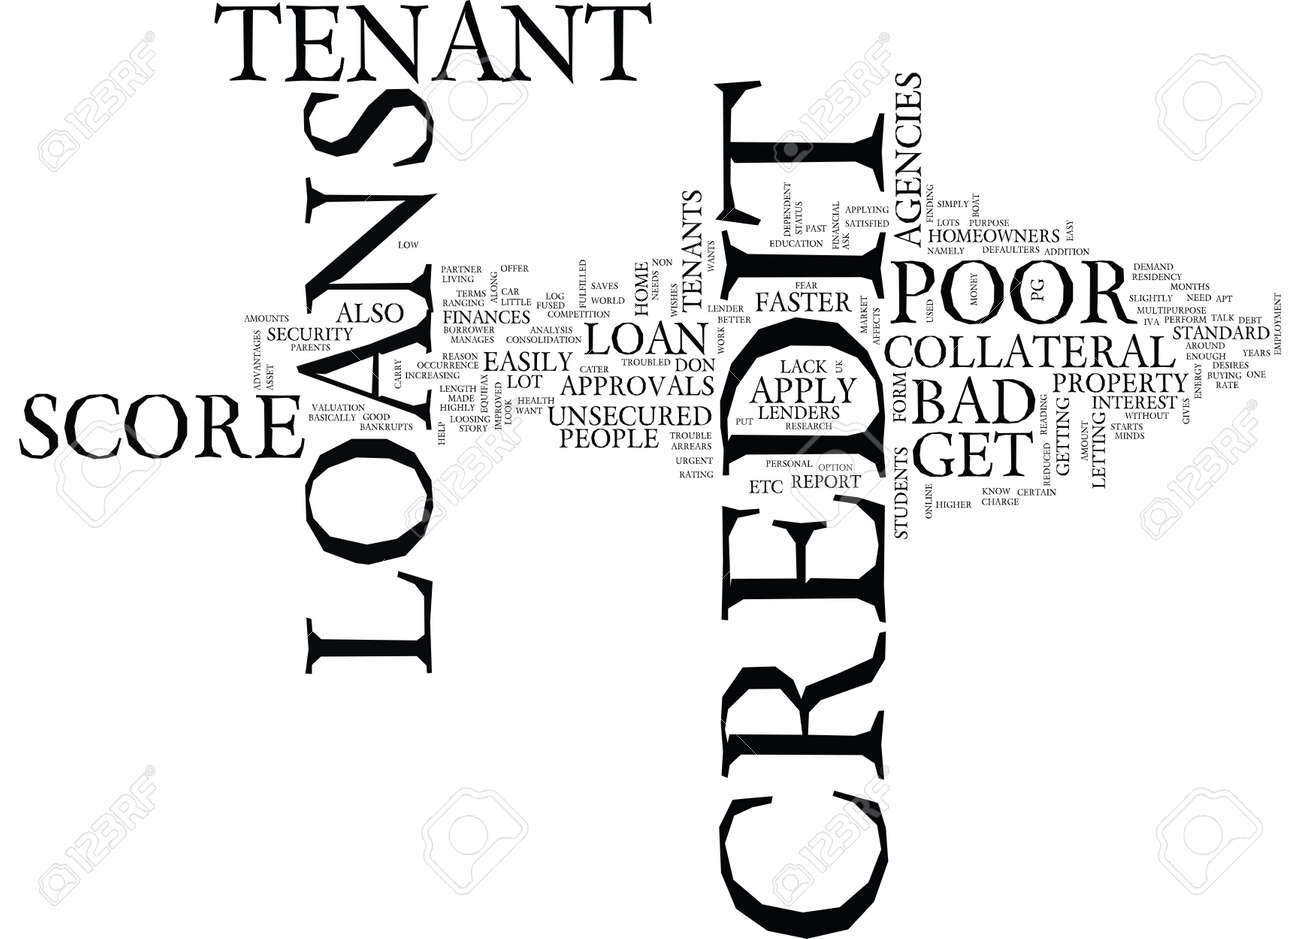 Credit Tenant Loans